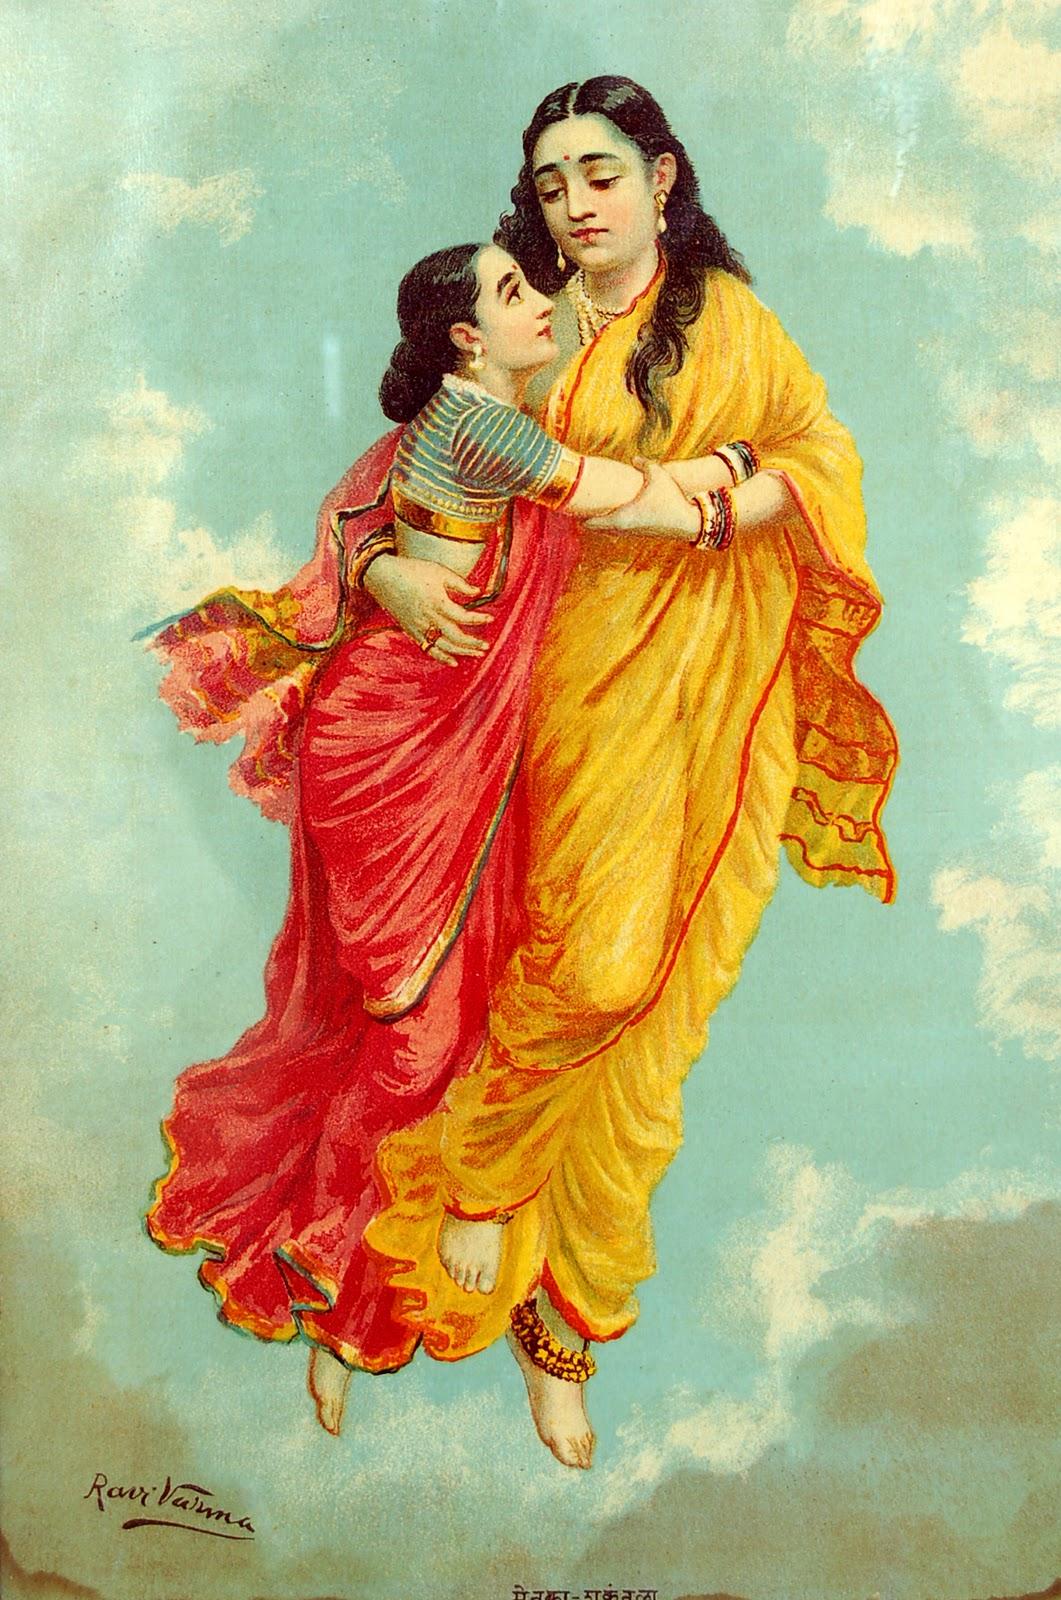 'Menaka and Sakunthala' - Raja Ravi Varma